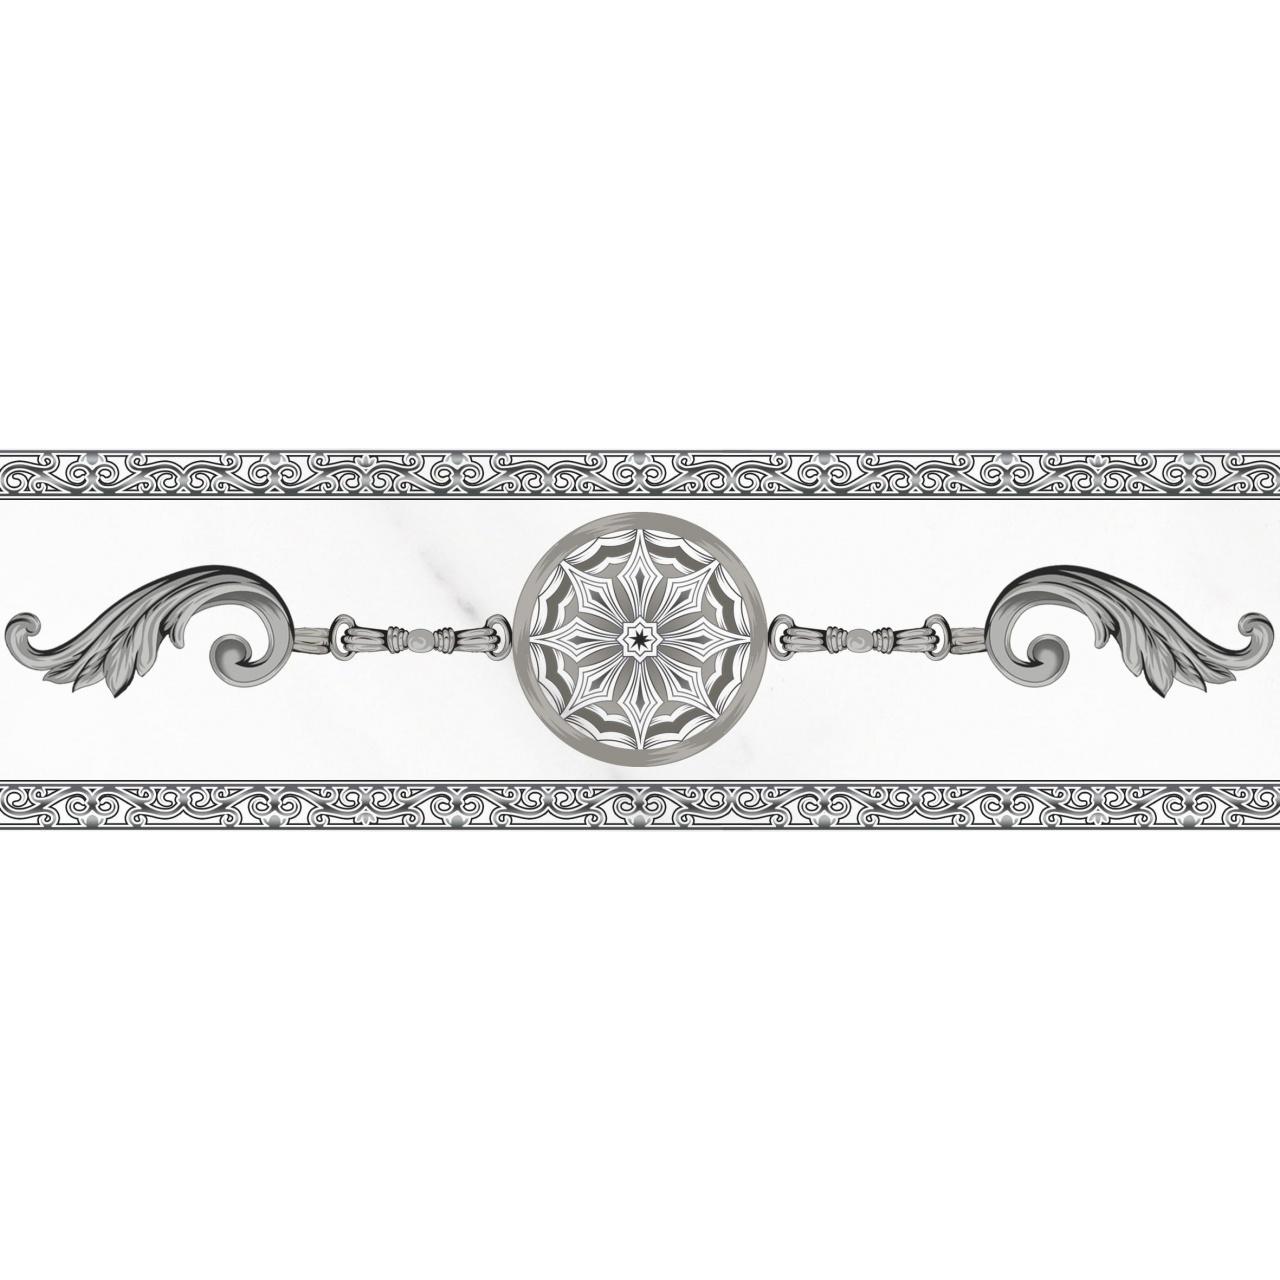 Фото - Бордюр PiezaRosa Crystal 6,5x45 см декор piezarosa цезарь 1 серый 25х40 см 342571